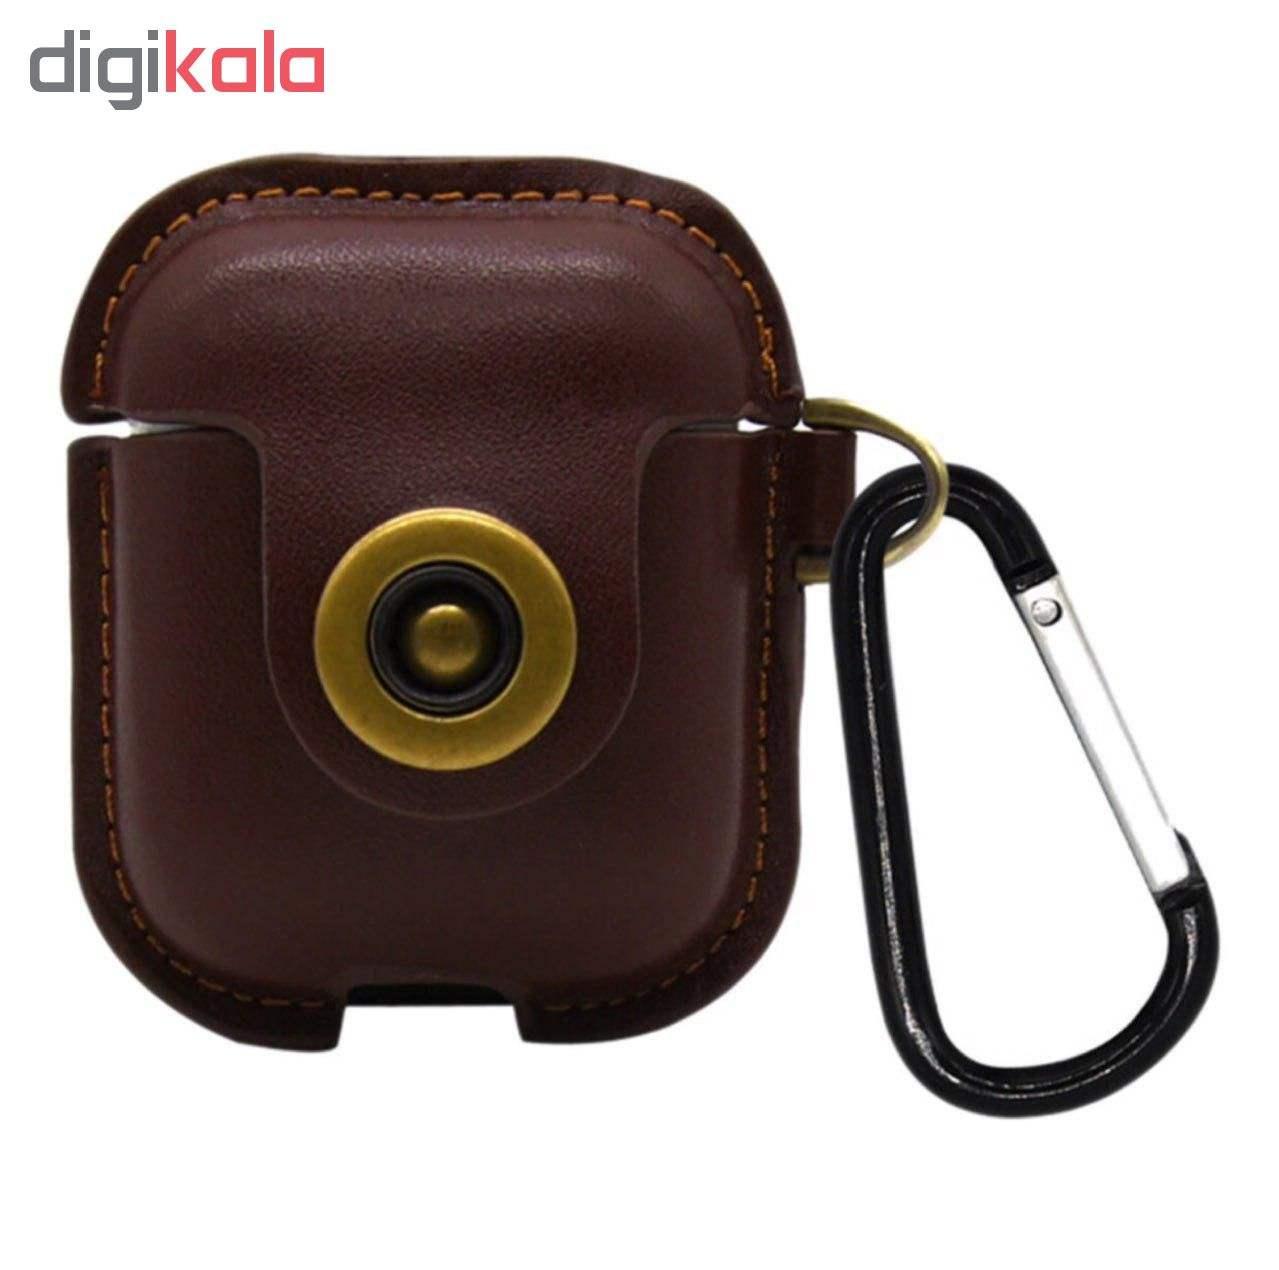 کاور محافظ مدل Button مناسب برای کیس ایرپاد main 1 3